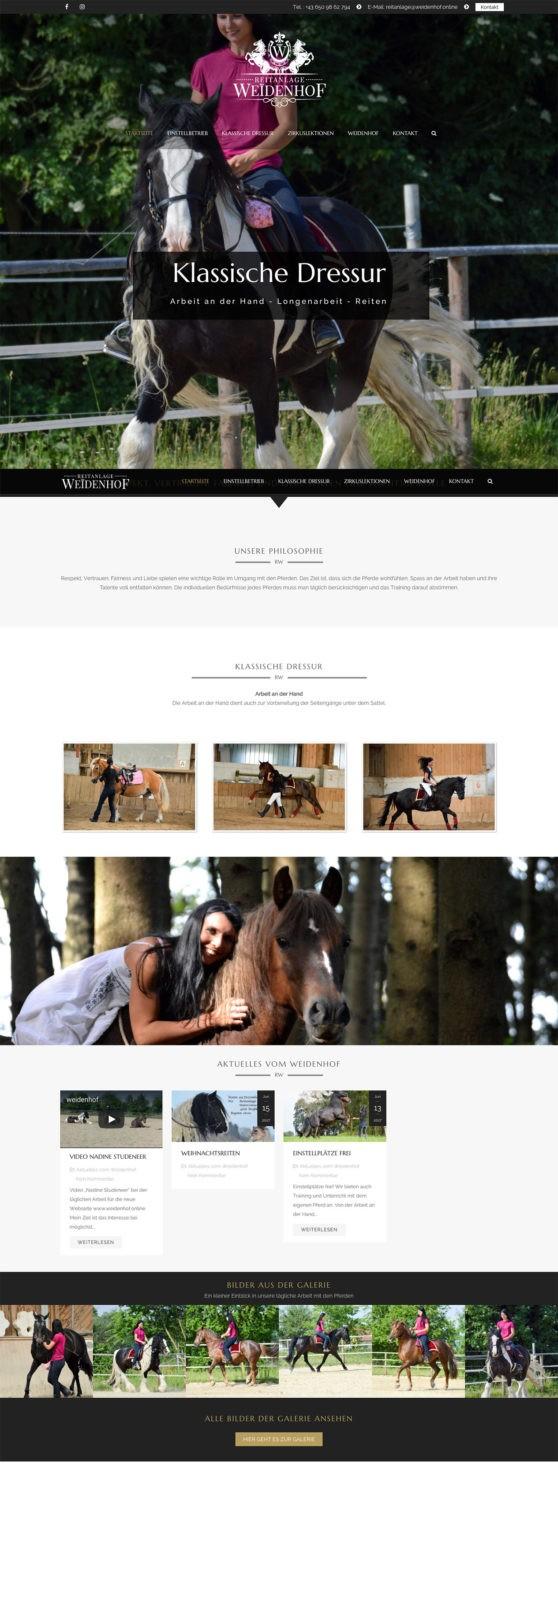 Referenz Reitanlage Weidenhof Webseite